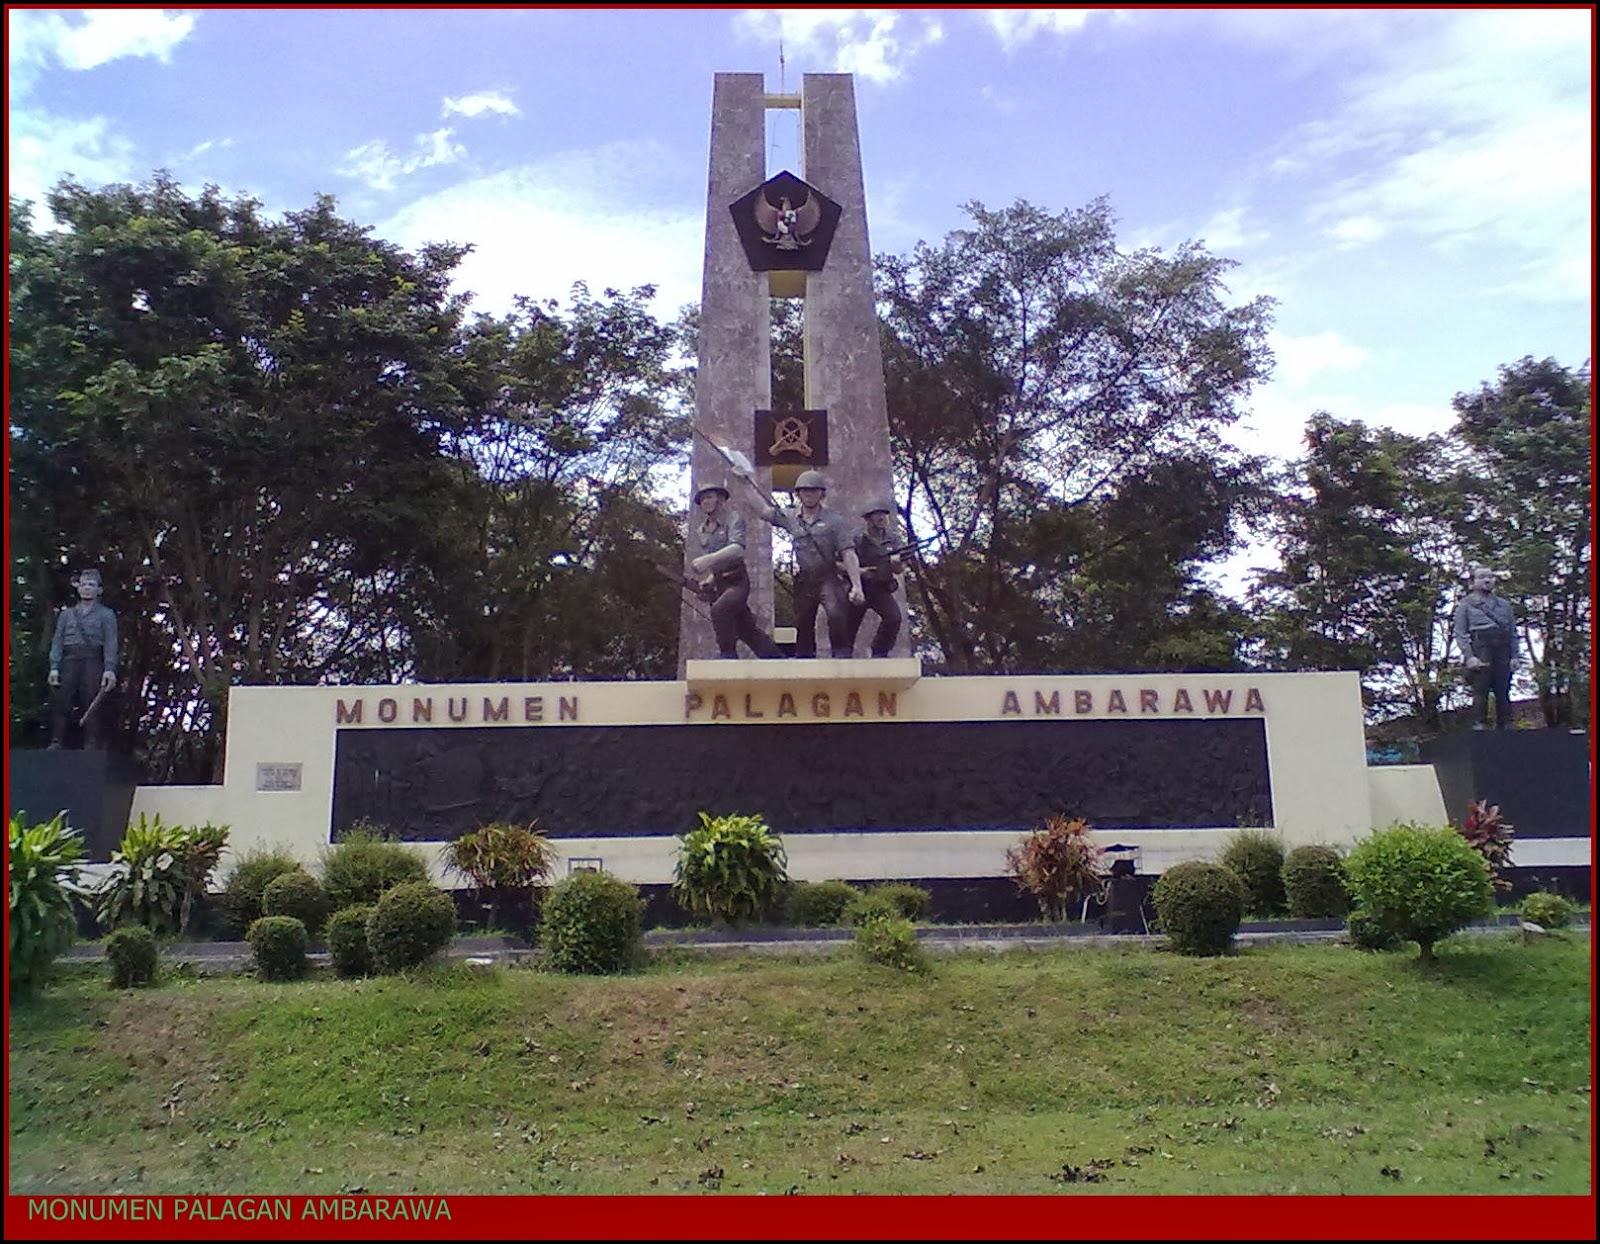 Palagan Ambarawa Pemuda Tani Monumen Kab Semarang